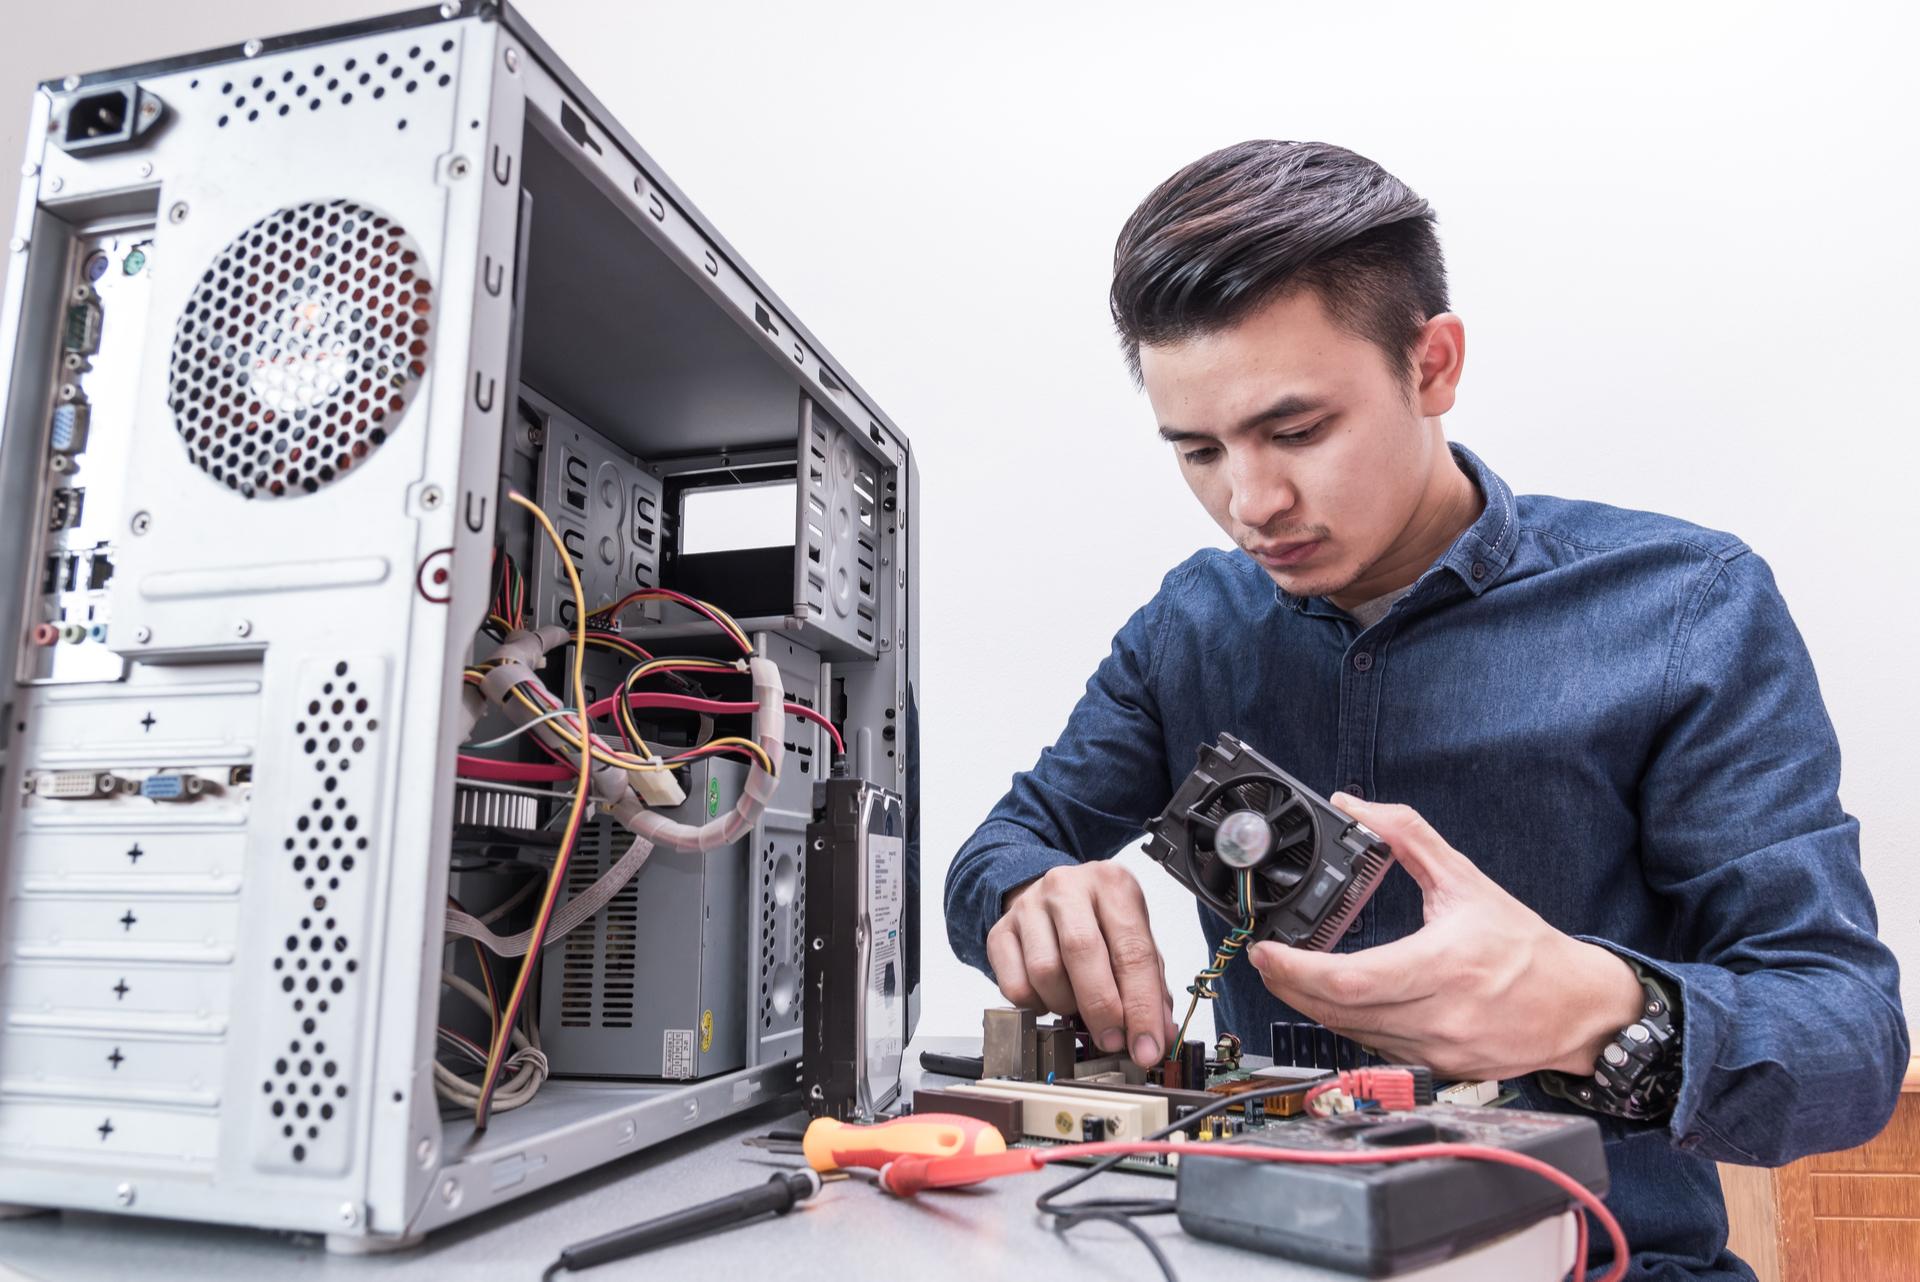 computer-repair-technicians